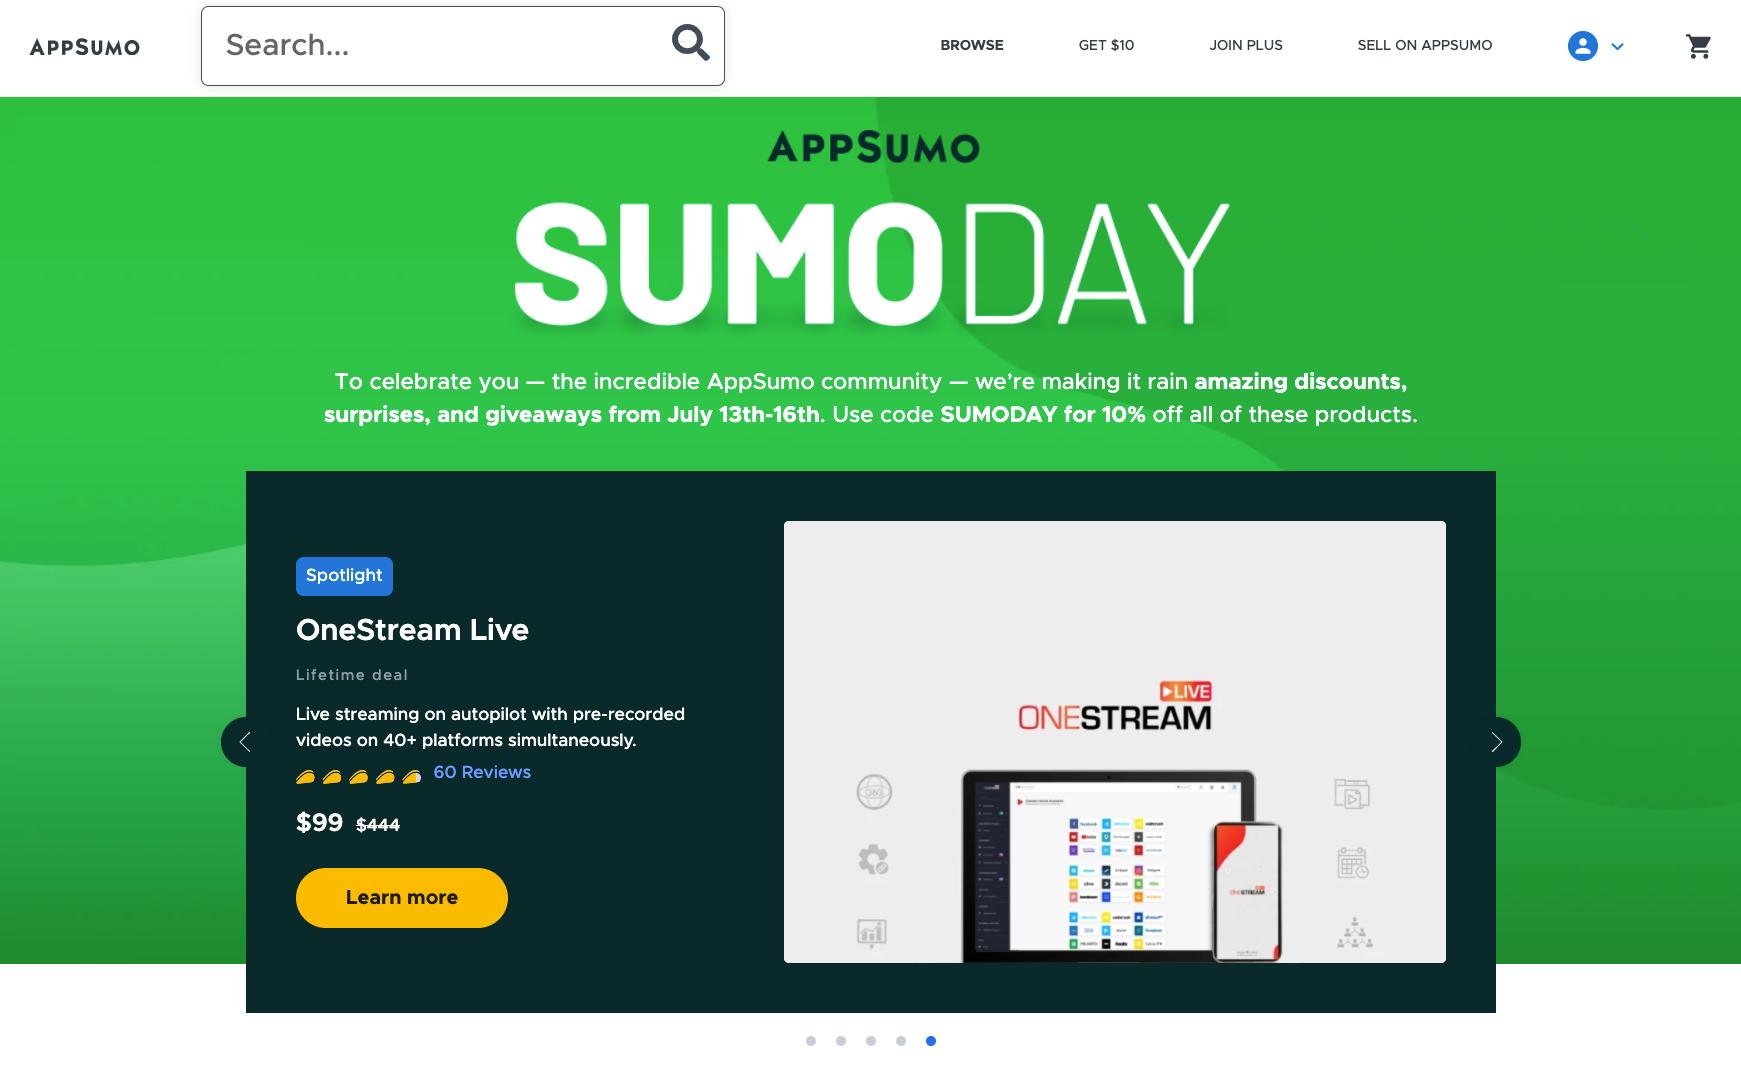 AppSumo Day Sale